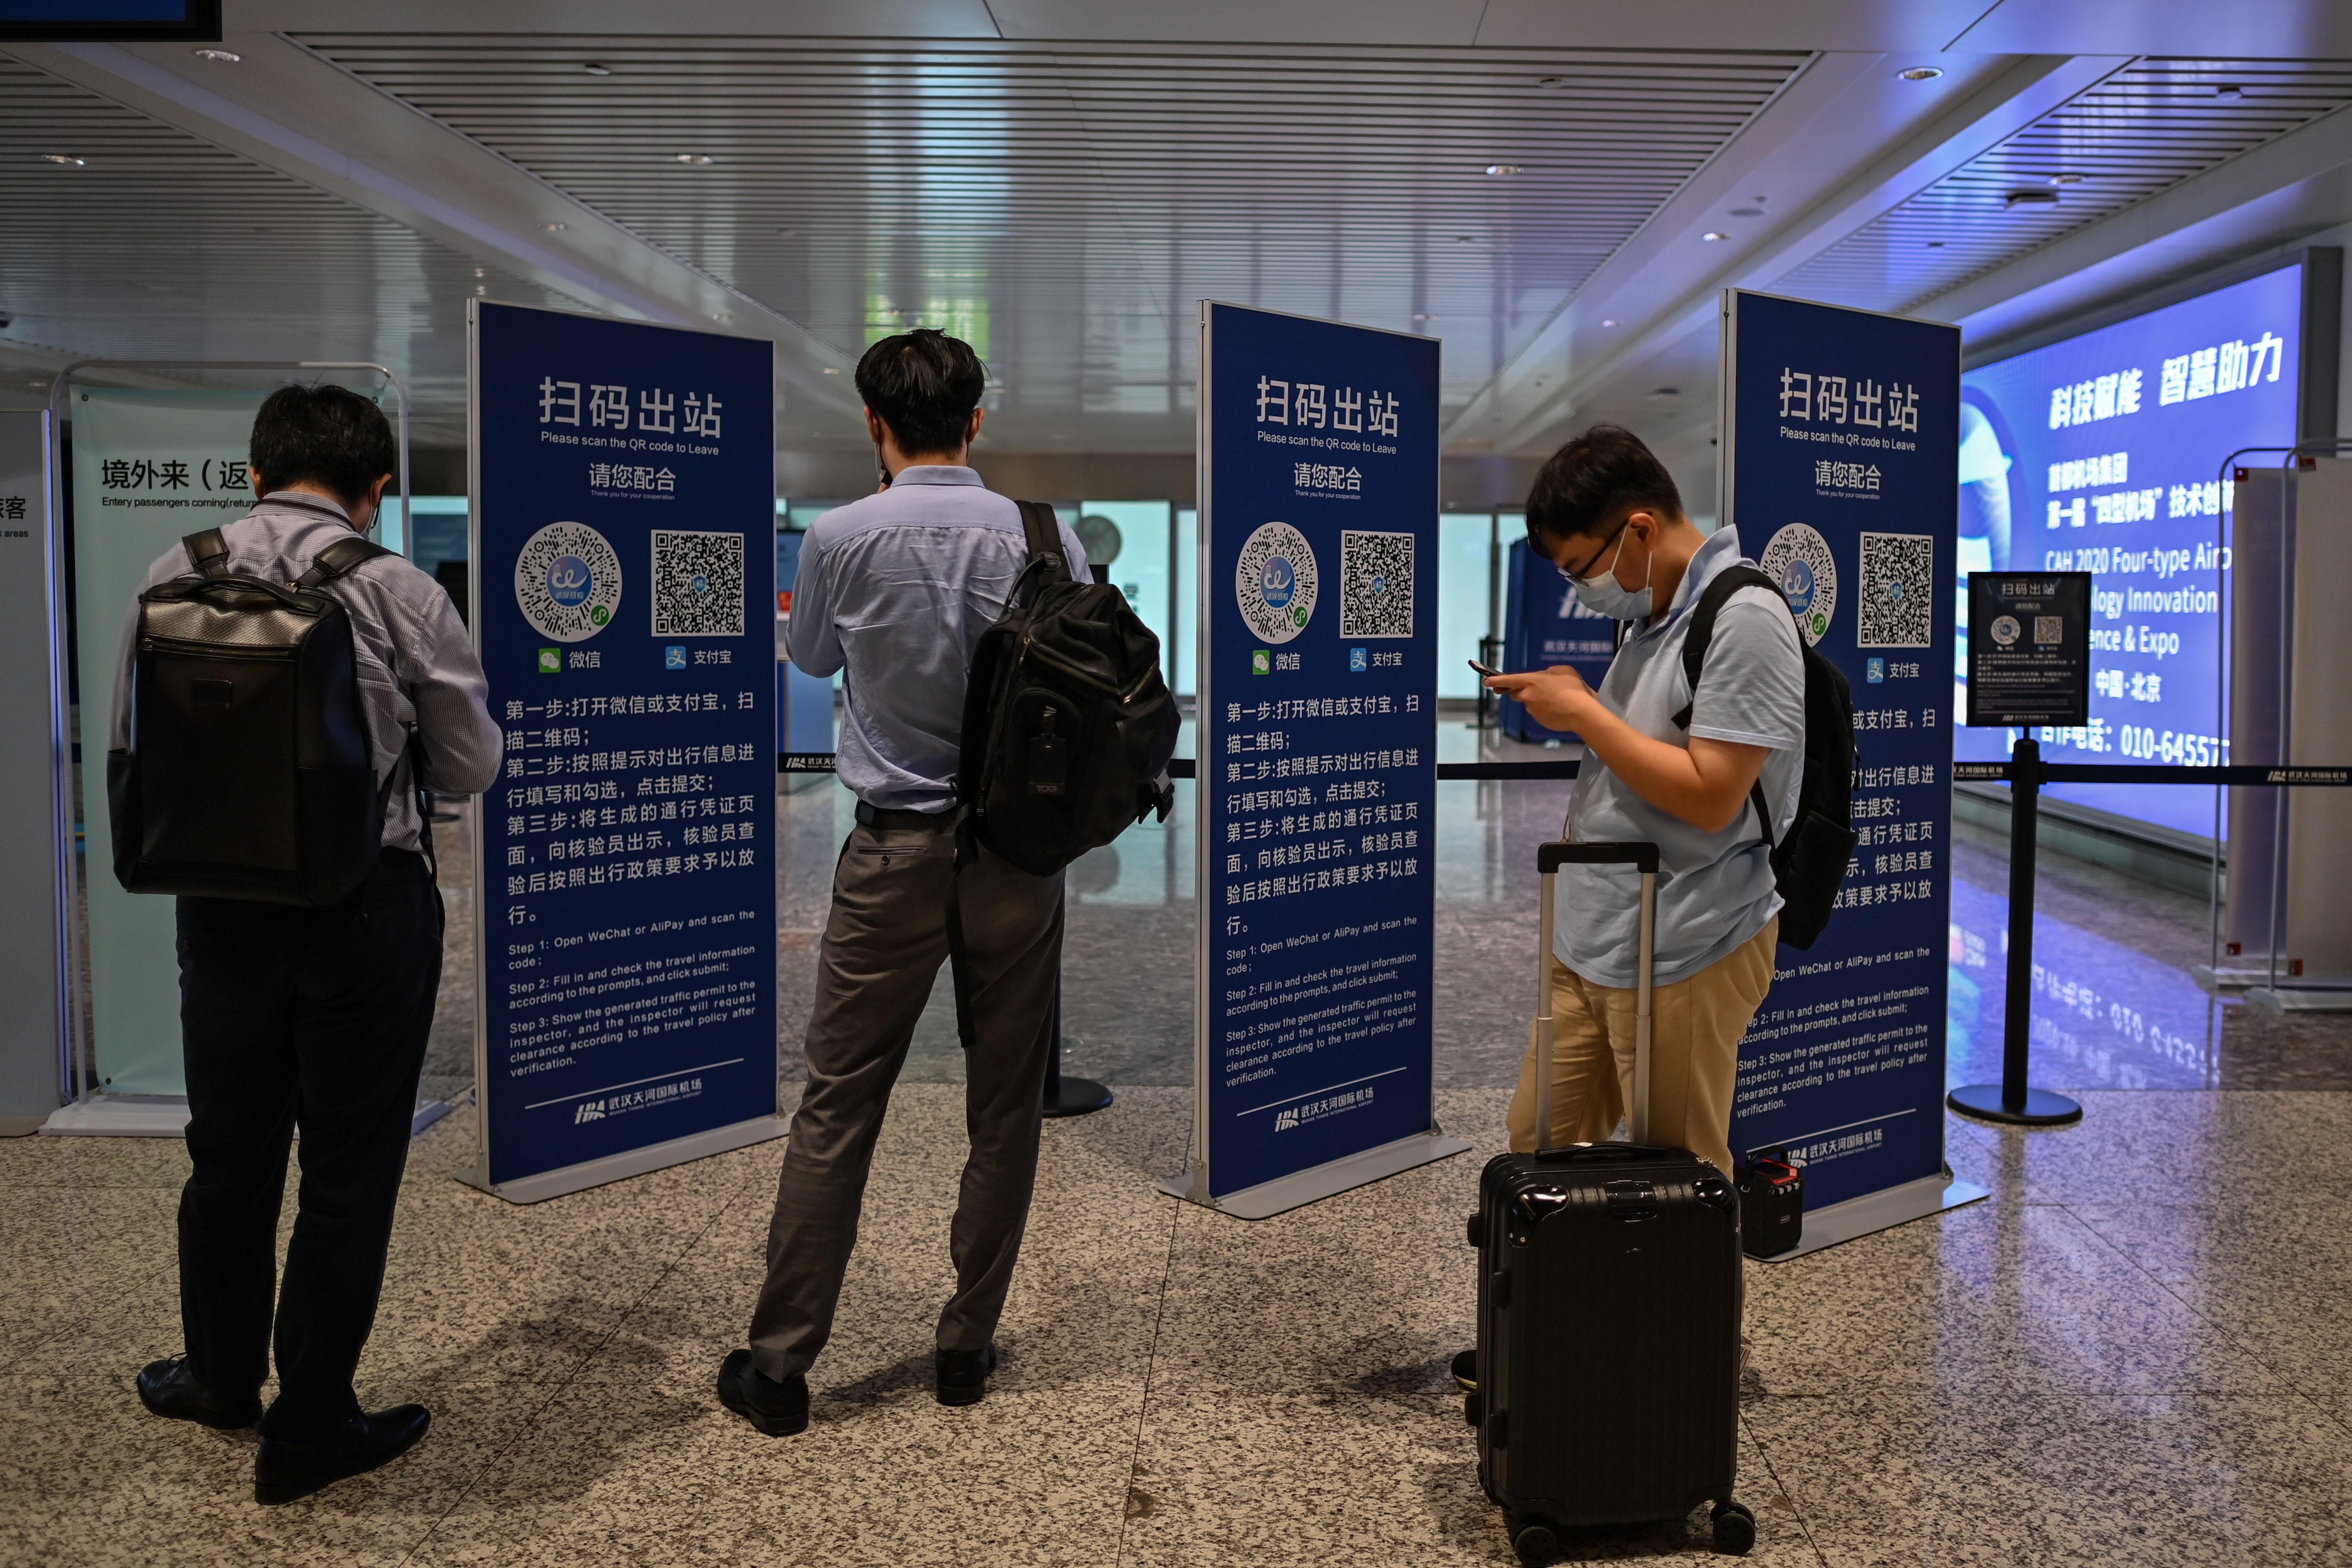 Pasajeros revisan los códigos de salud en la zona de llegadas del aeropuerto Tianhe en Wuhan